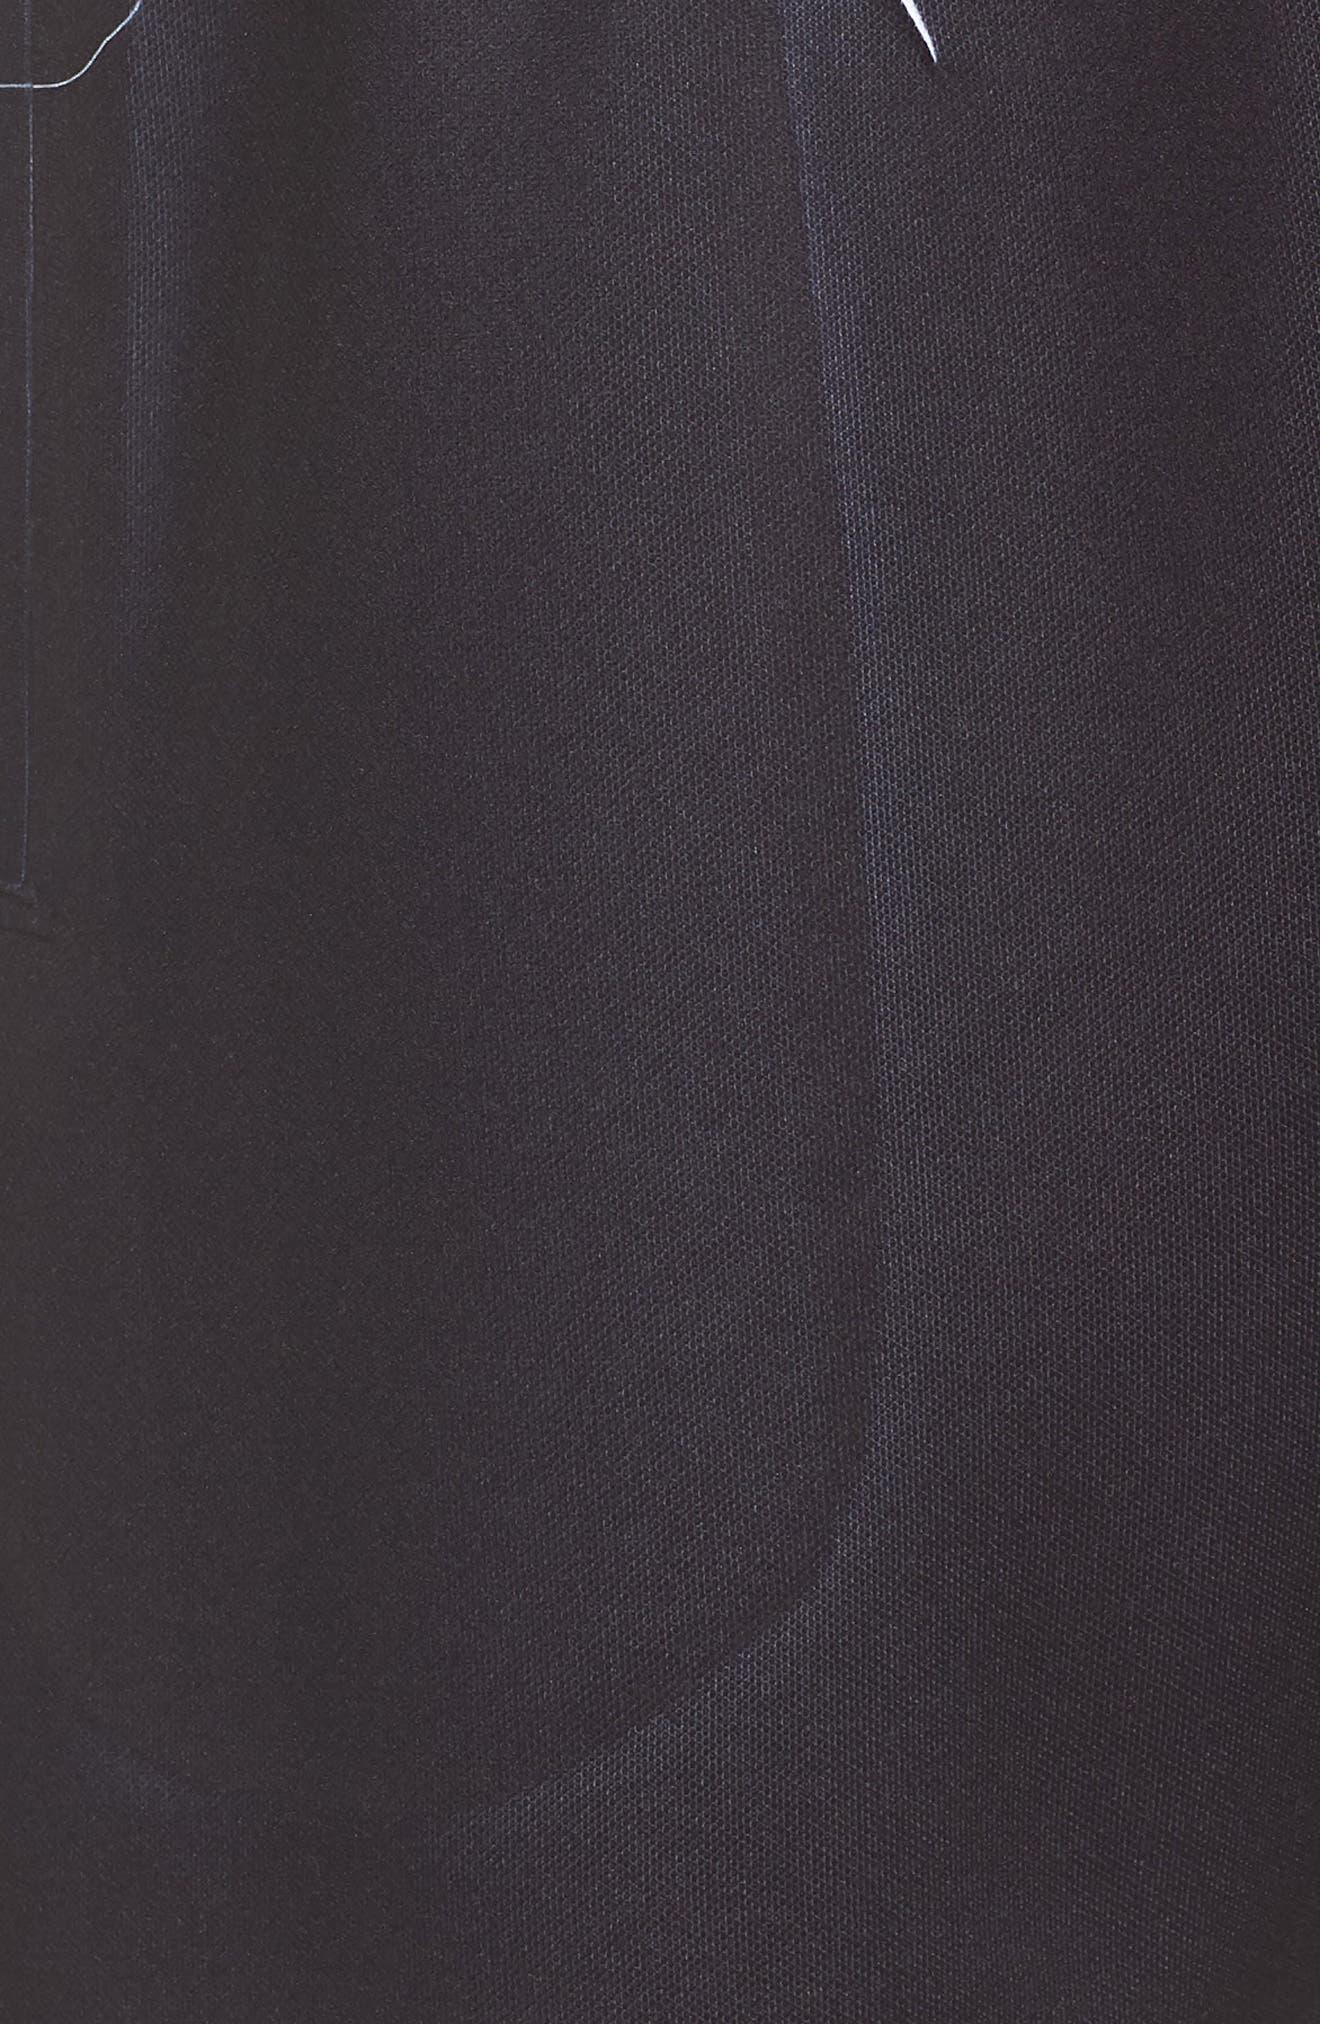 Shorts,                             Alternate thumbnail 6, color,                             Black/ White